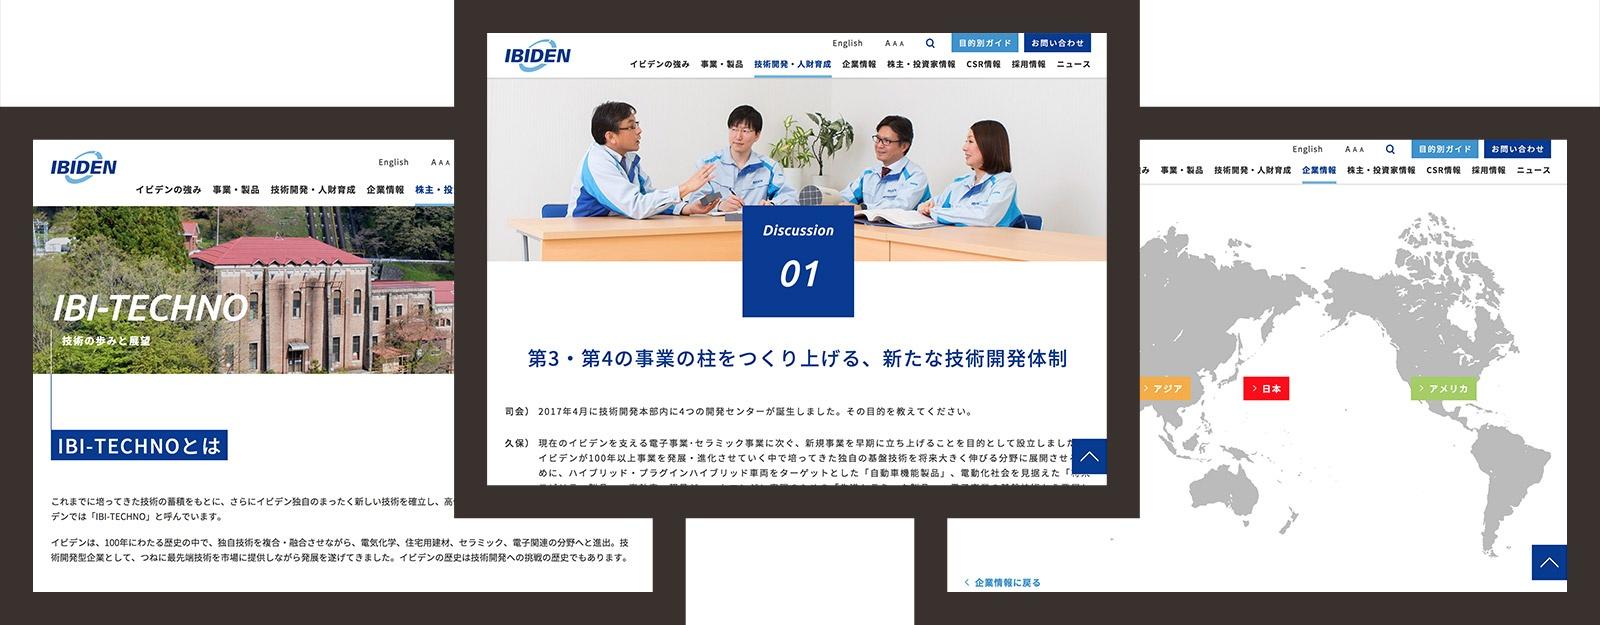 イビデン株式会社様